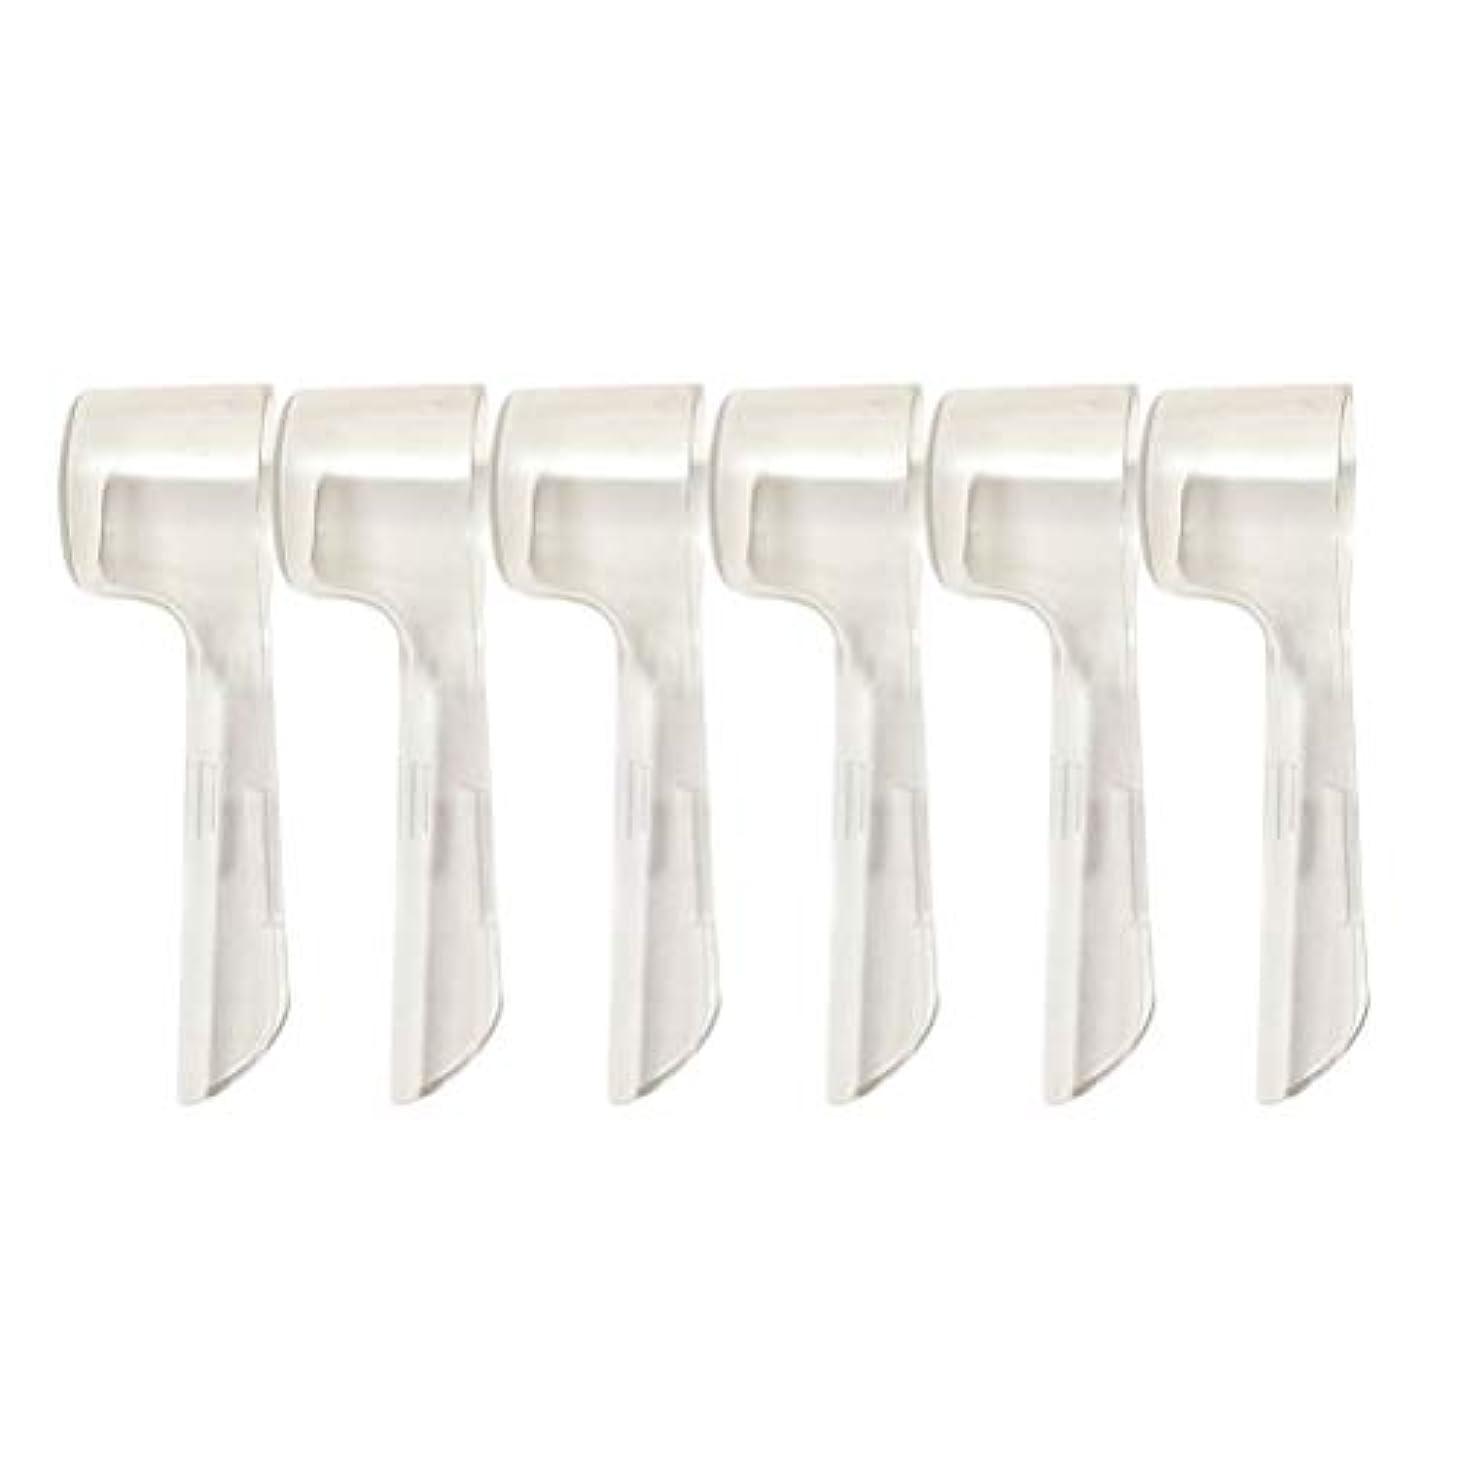 退院記述する十分ですHealifty 10本の歯ブラシカバー電動歯ブラシは旅行やその他の衛生に便利です。